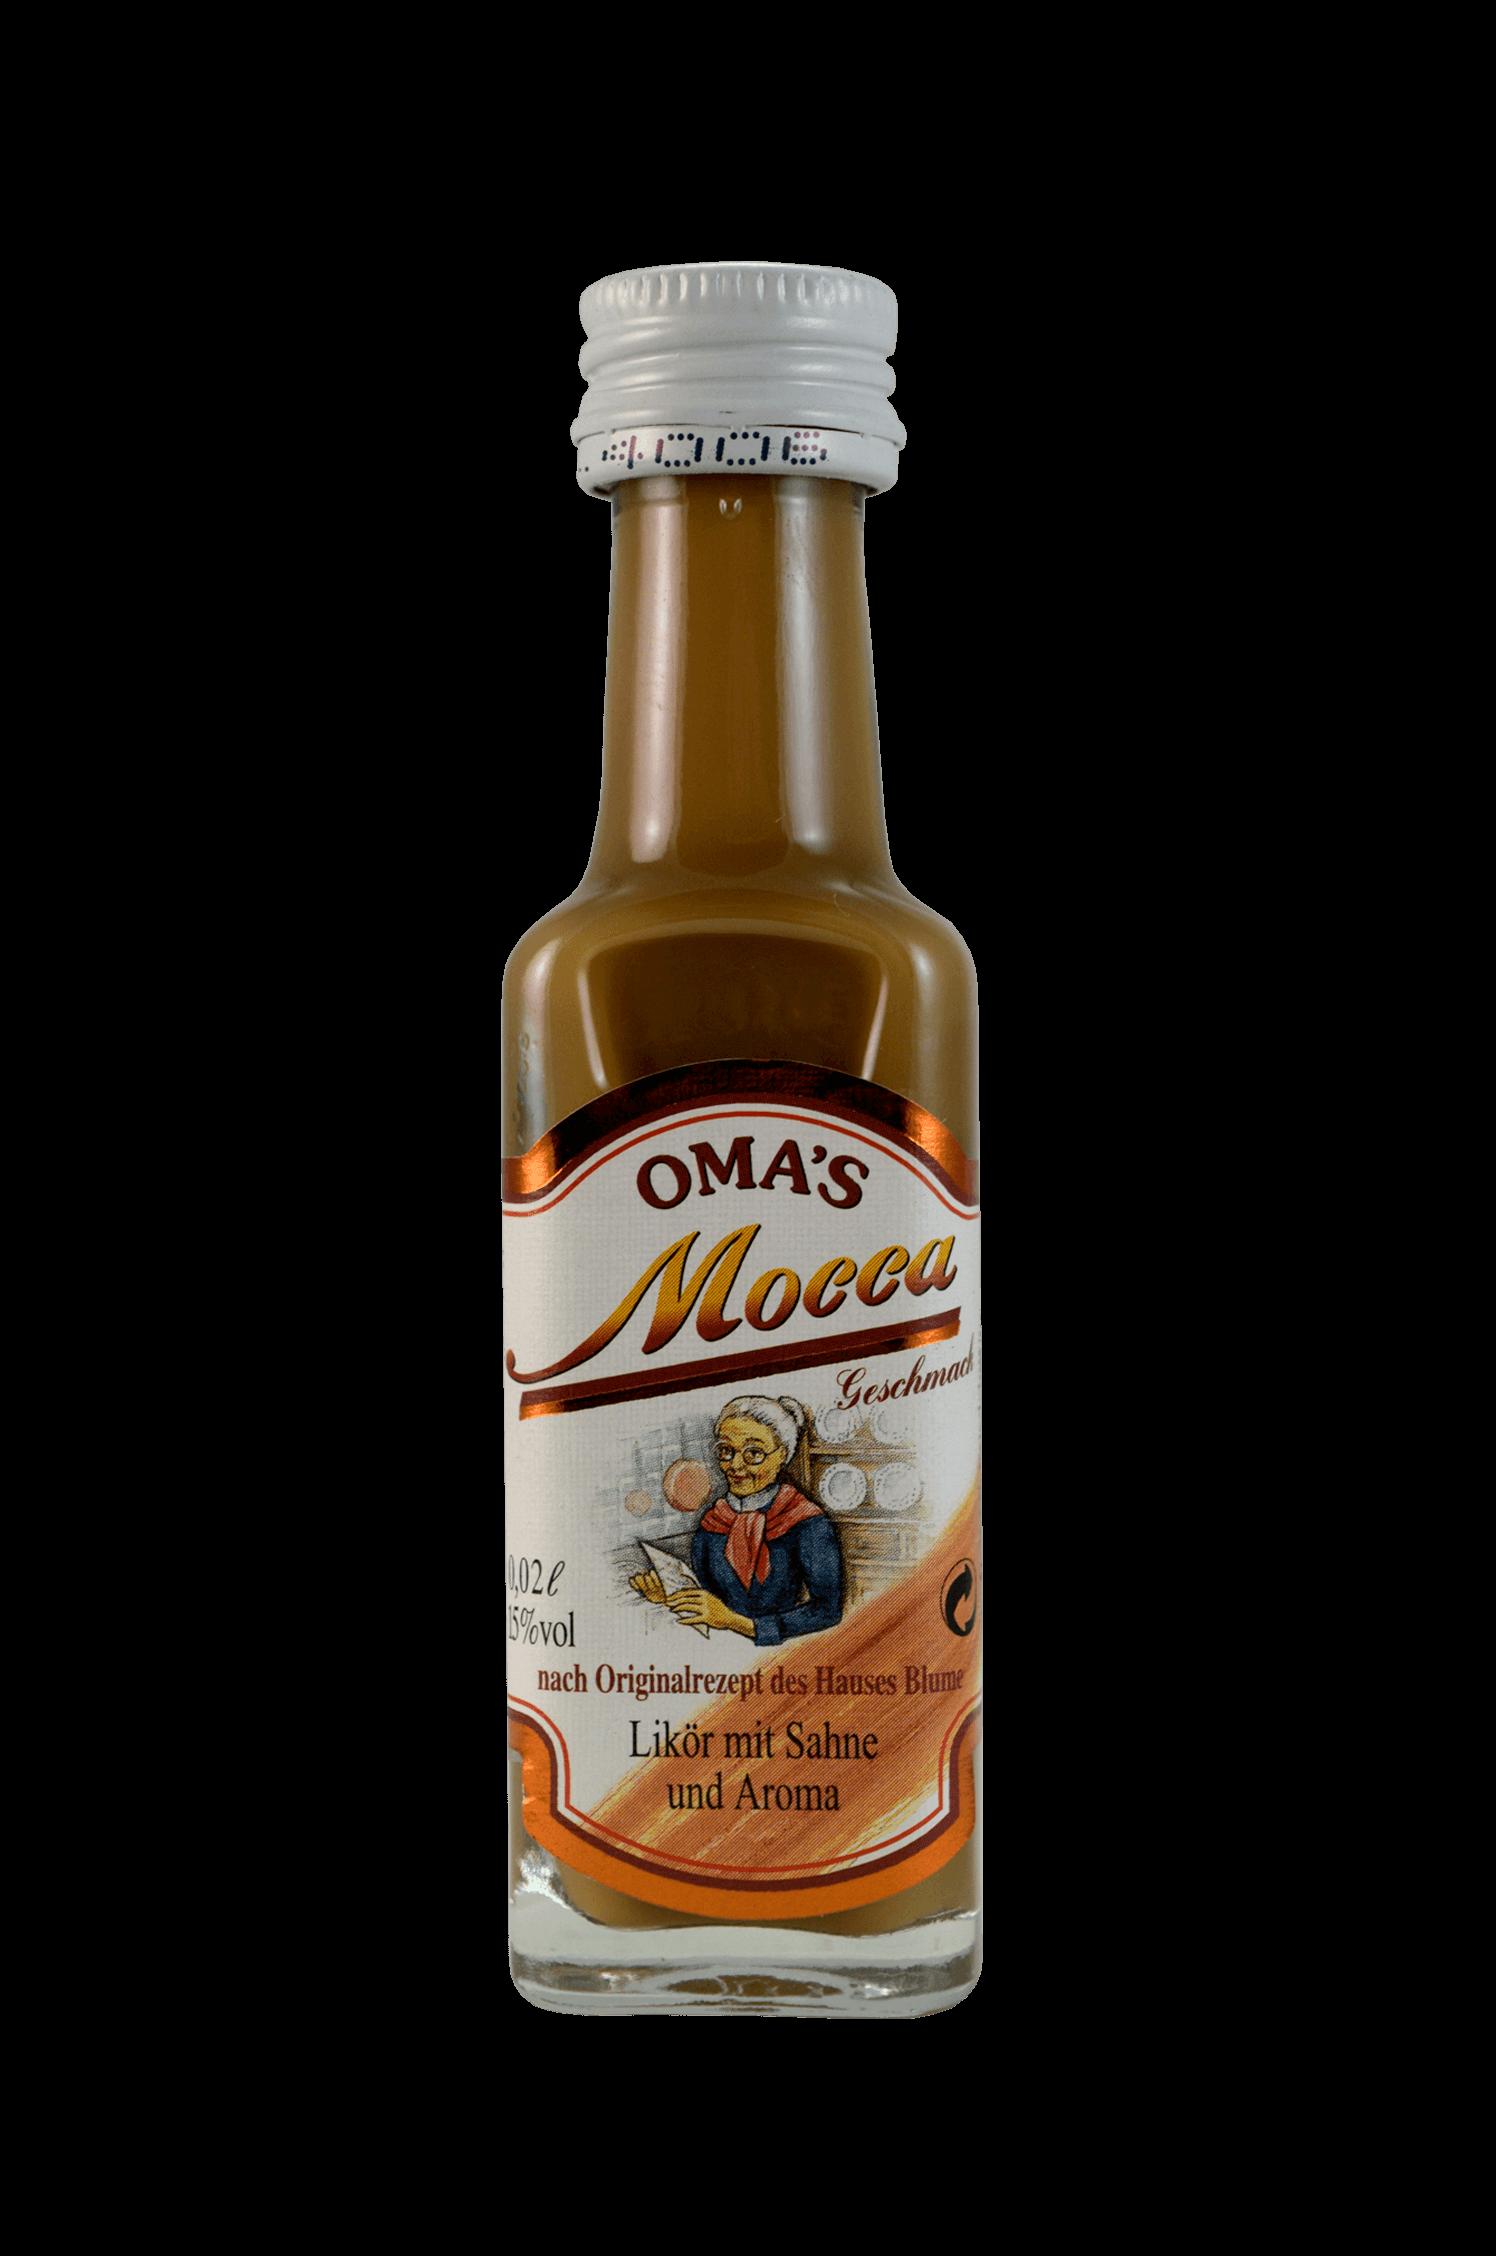 Oma's Mocca Likör